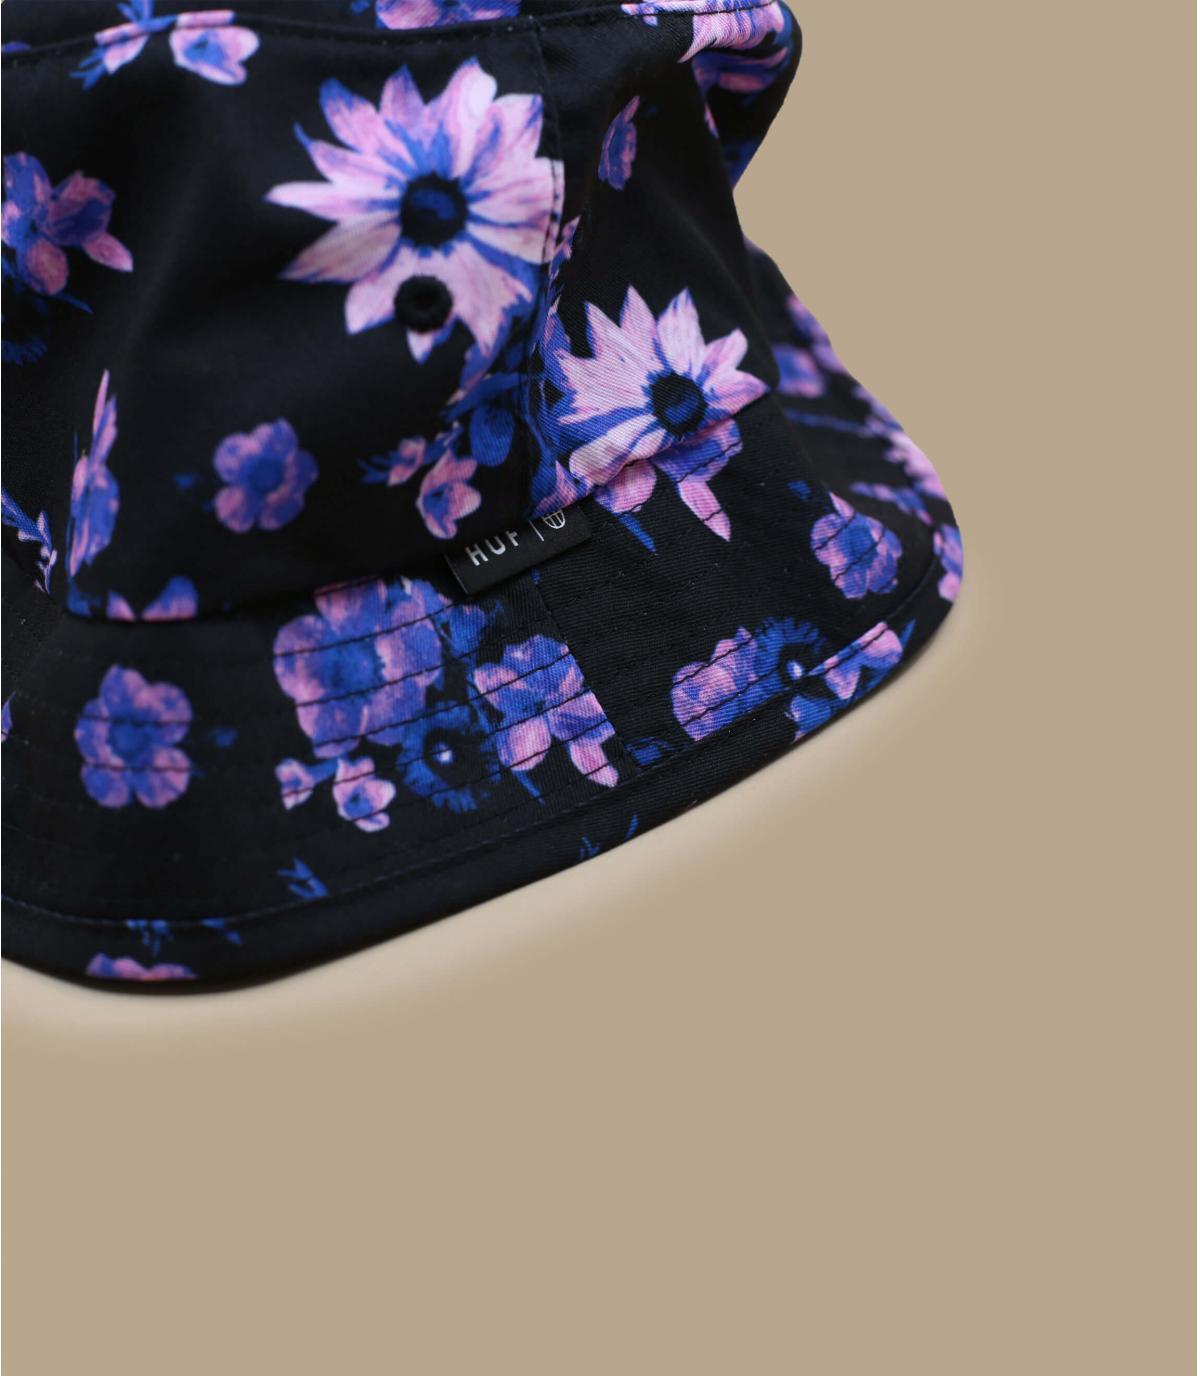 Détails Dazy bucket black - image 3